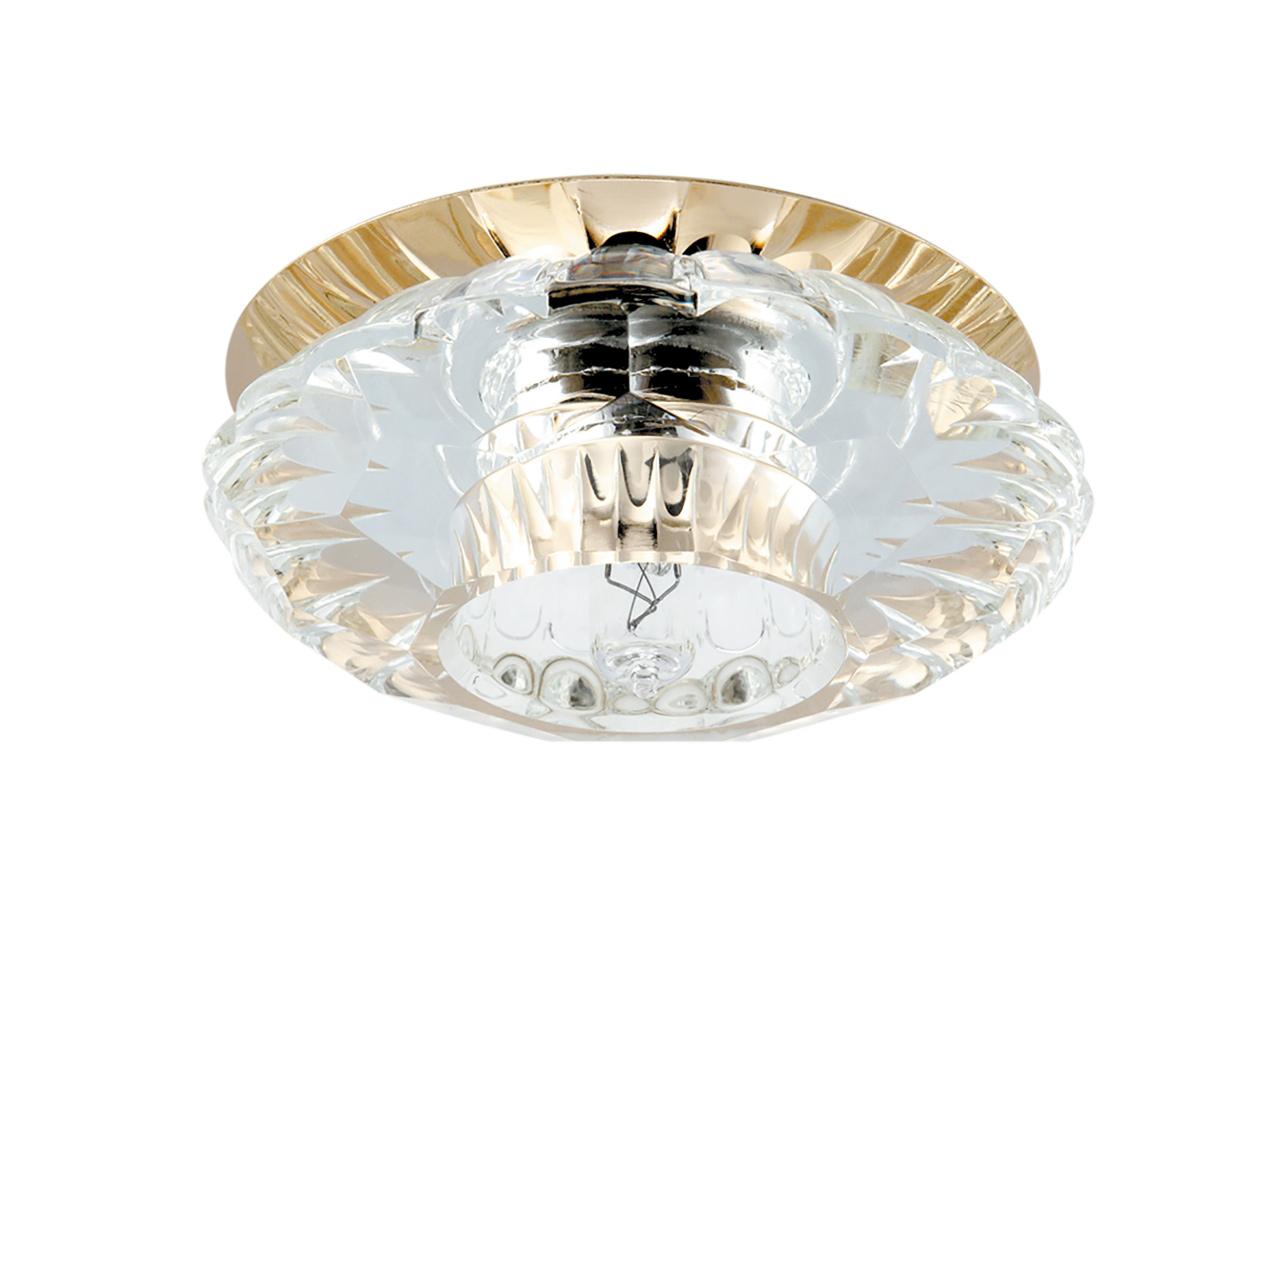 Светильник Bomo CR G9 золото / прозрачный Lightstar 004512